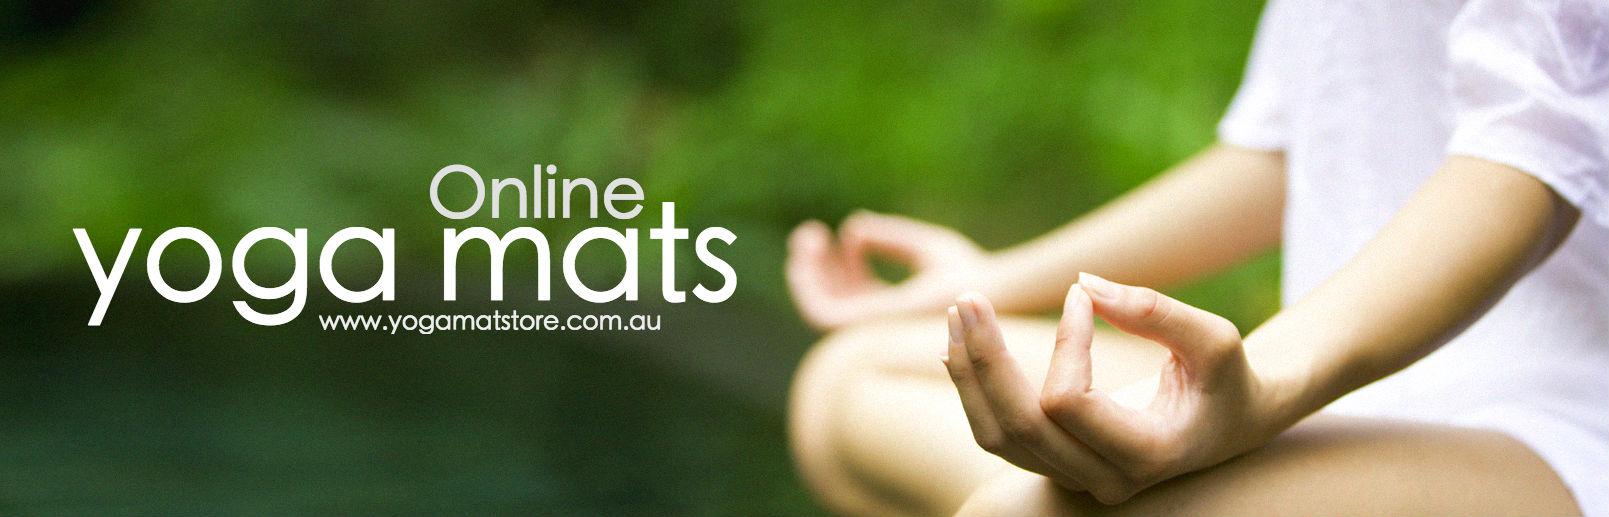 buy yoga mats online australia banner